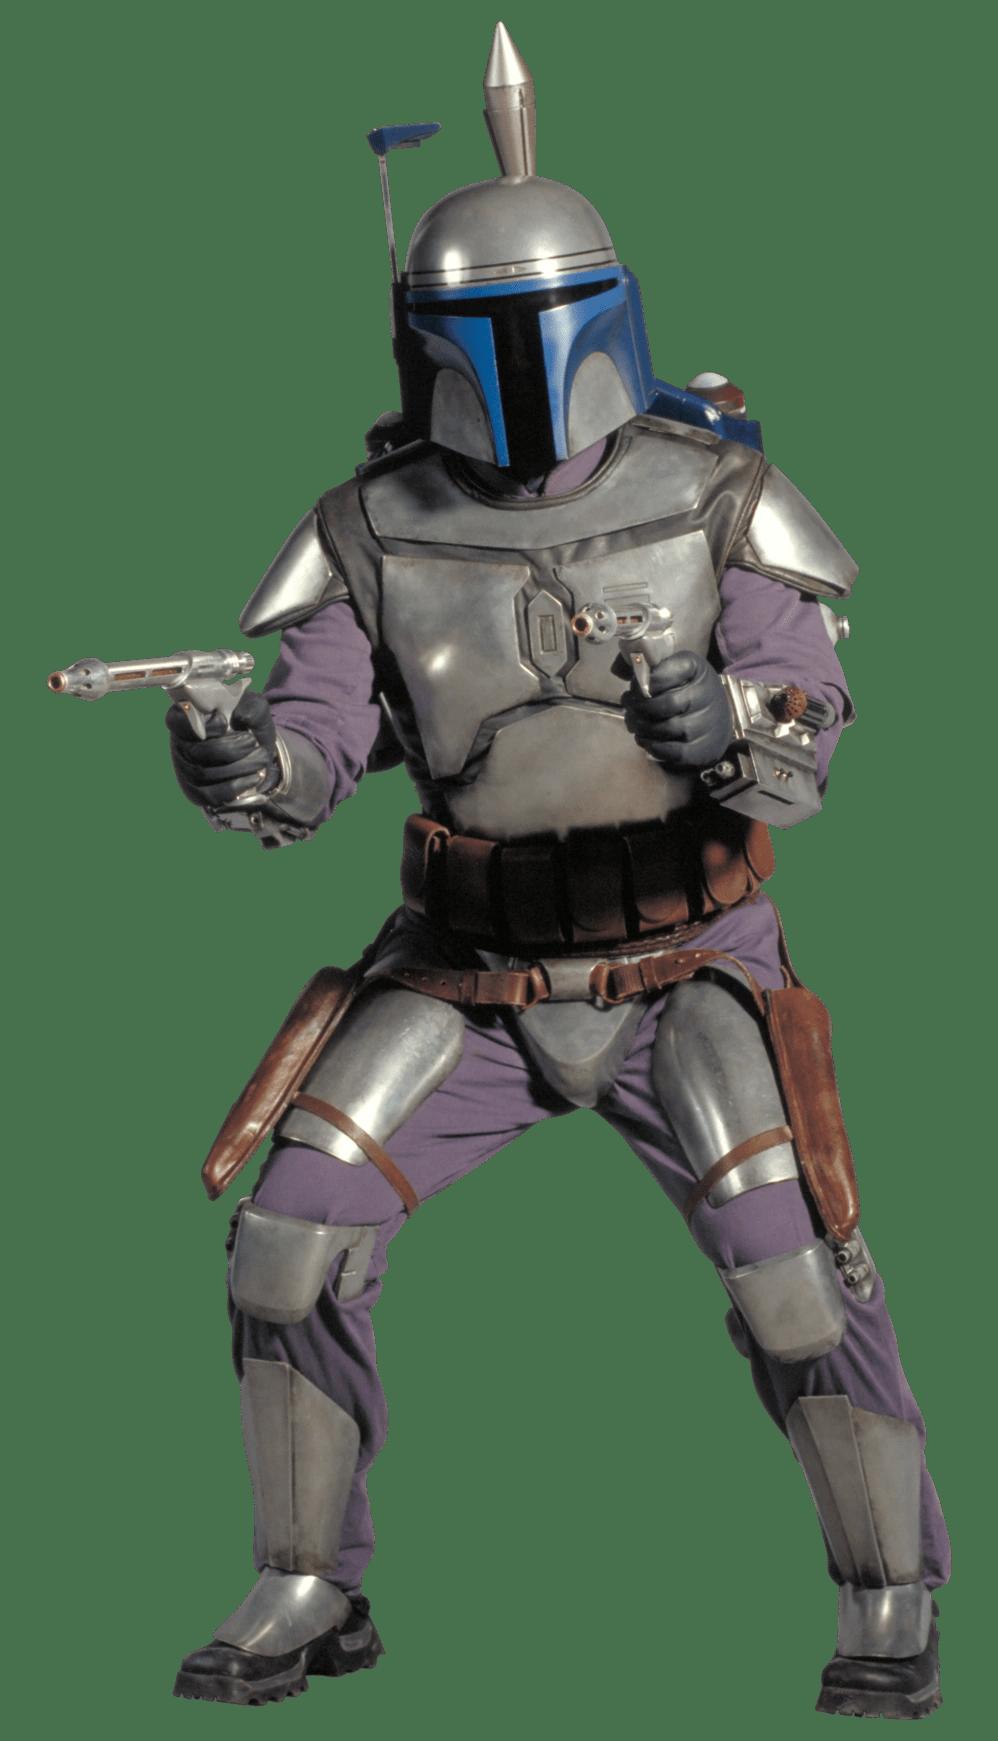 Mandalorian Armor Star Wars Canon Wiki Fandom Powered